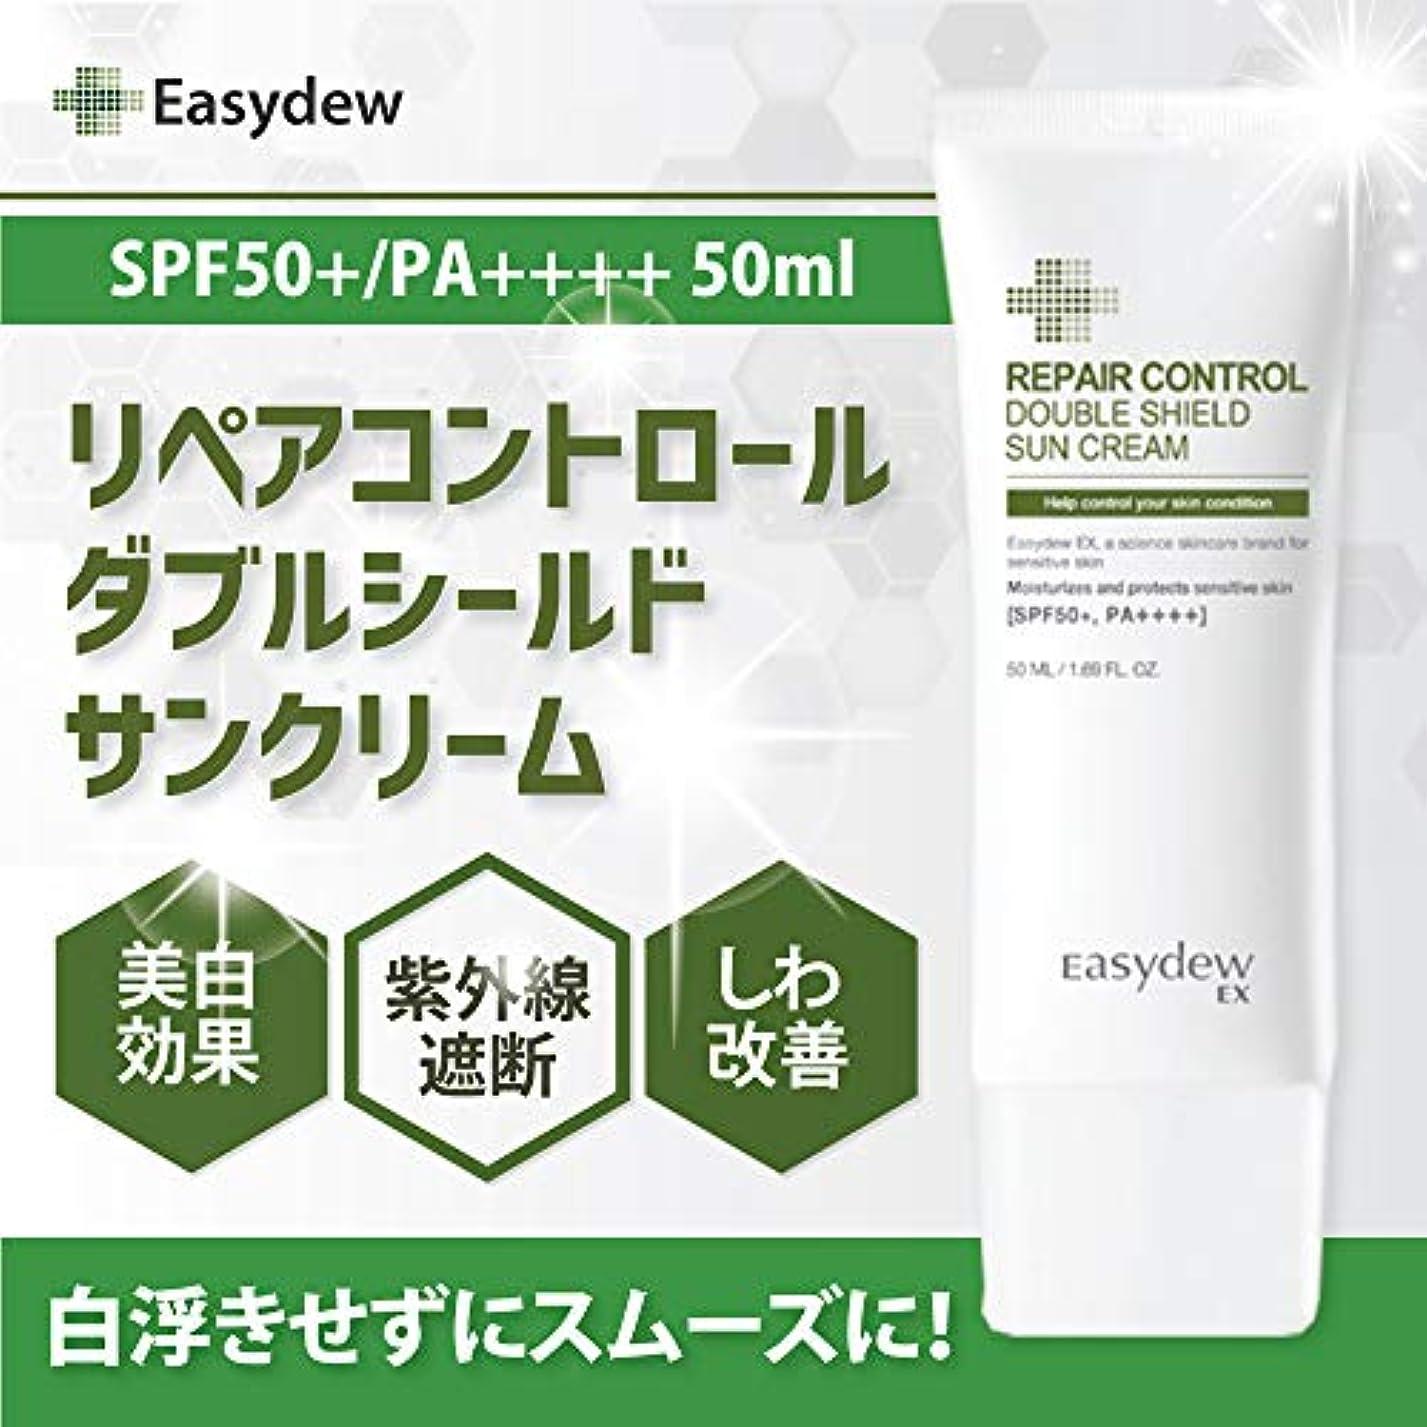 無意識サーマルたくさんのデウン製薬 リペア コントロール ダブル シールド サン?クリーム SPF50+/PA++++ 50ml. Repair Control Double Shild Sun Cream SPF50+/PA++++ 50ml.